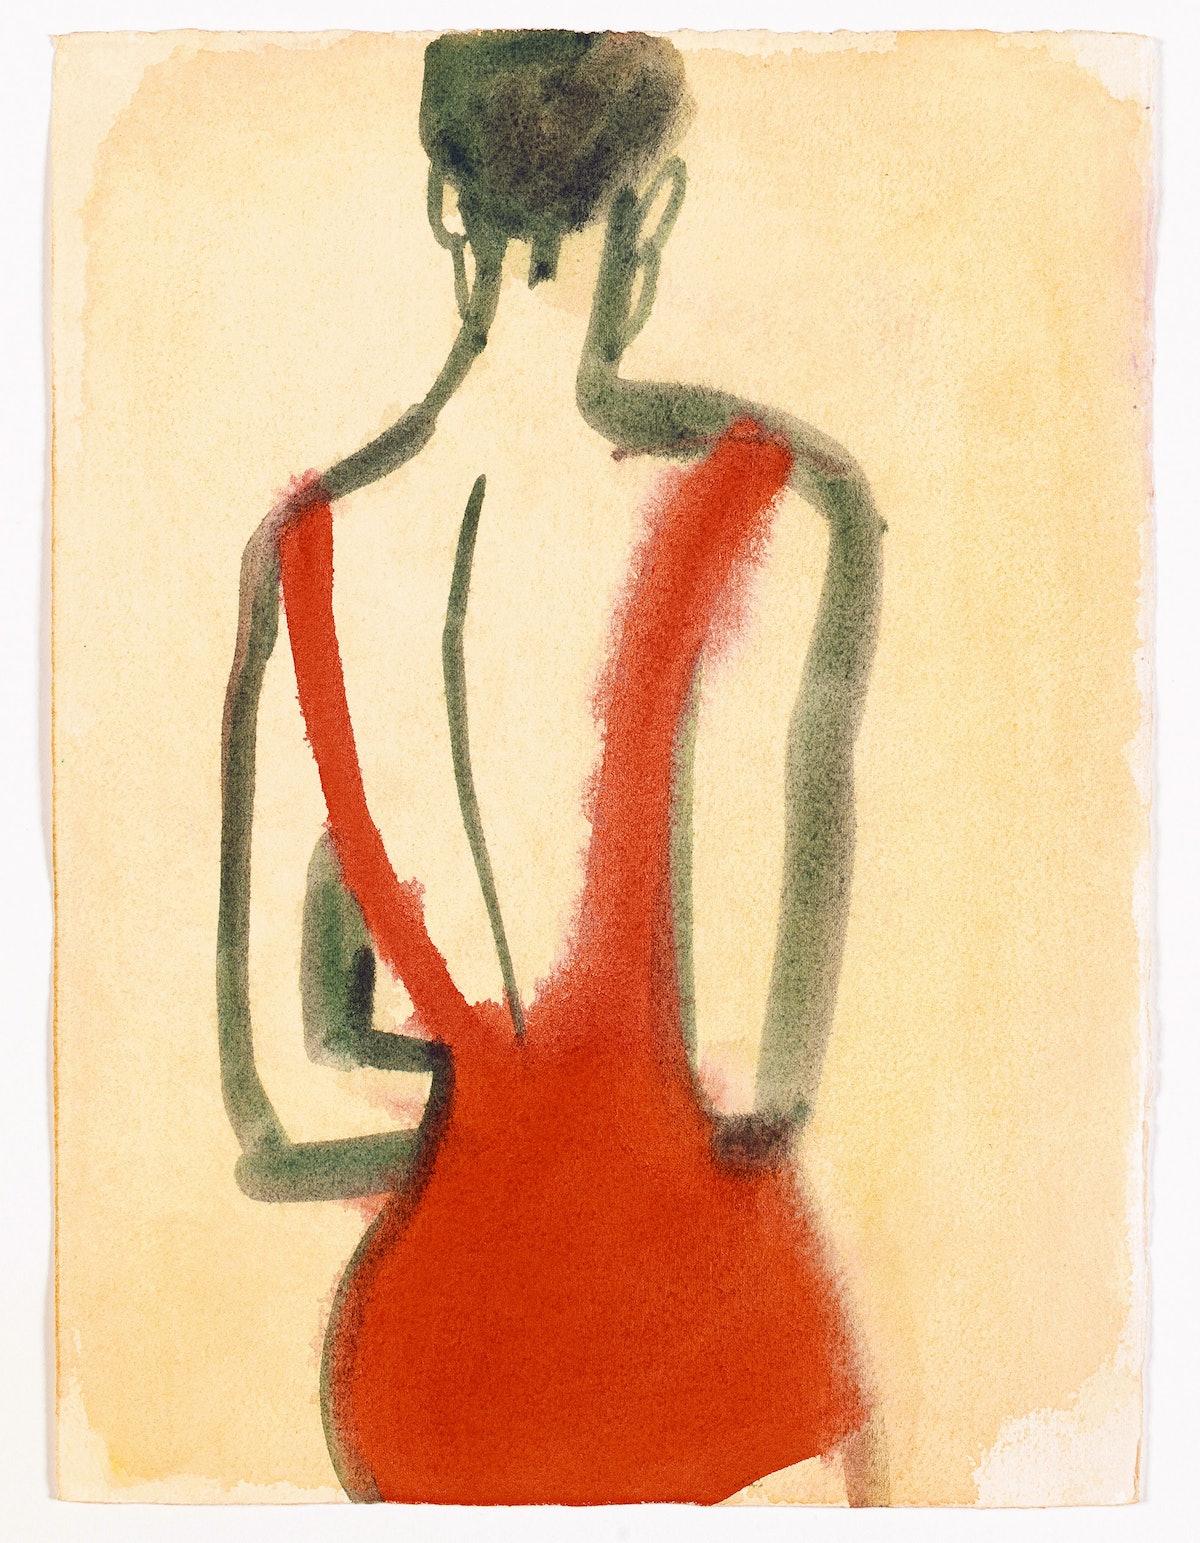 arar-Mats-Gustafson-Watercolors